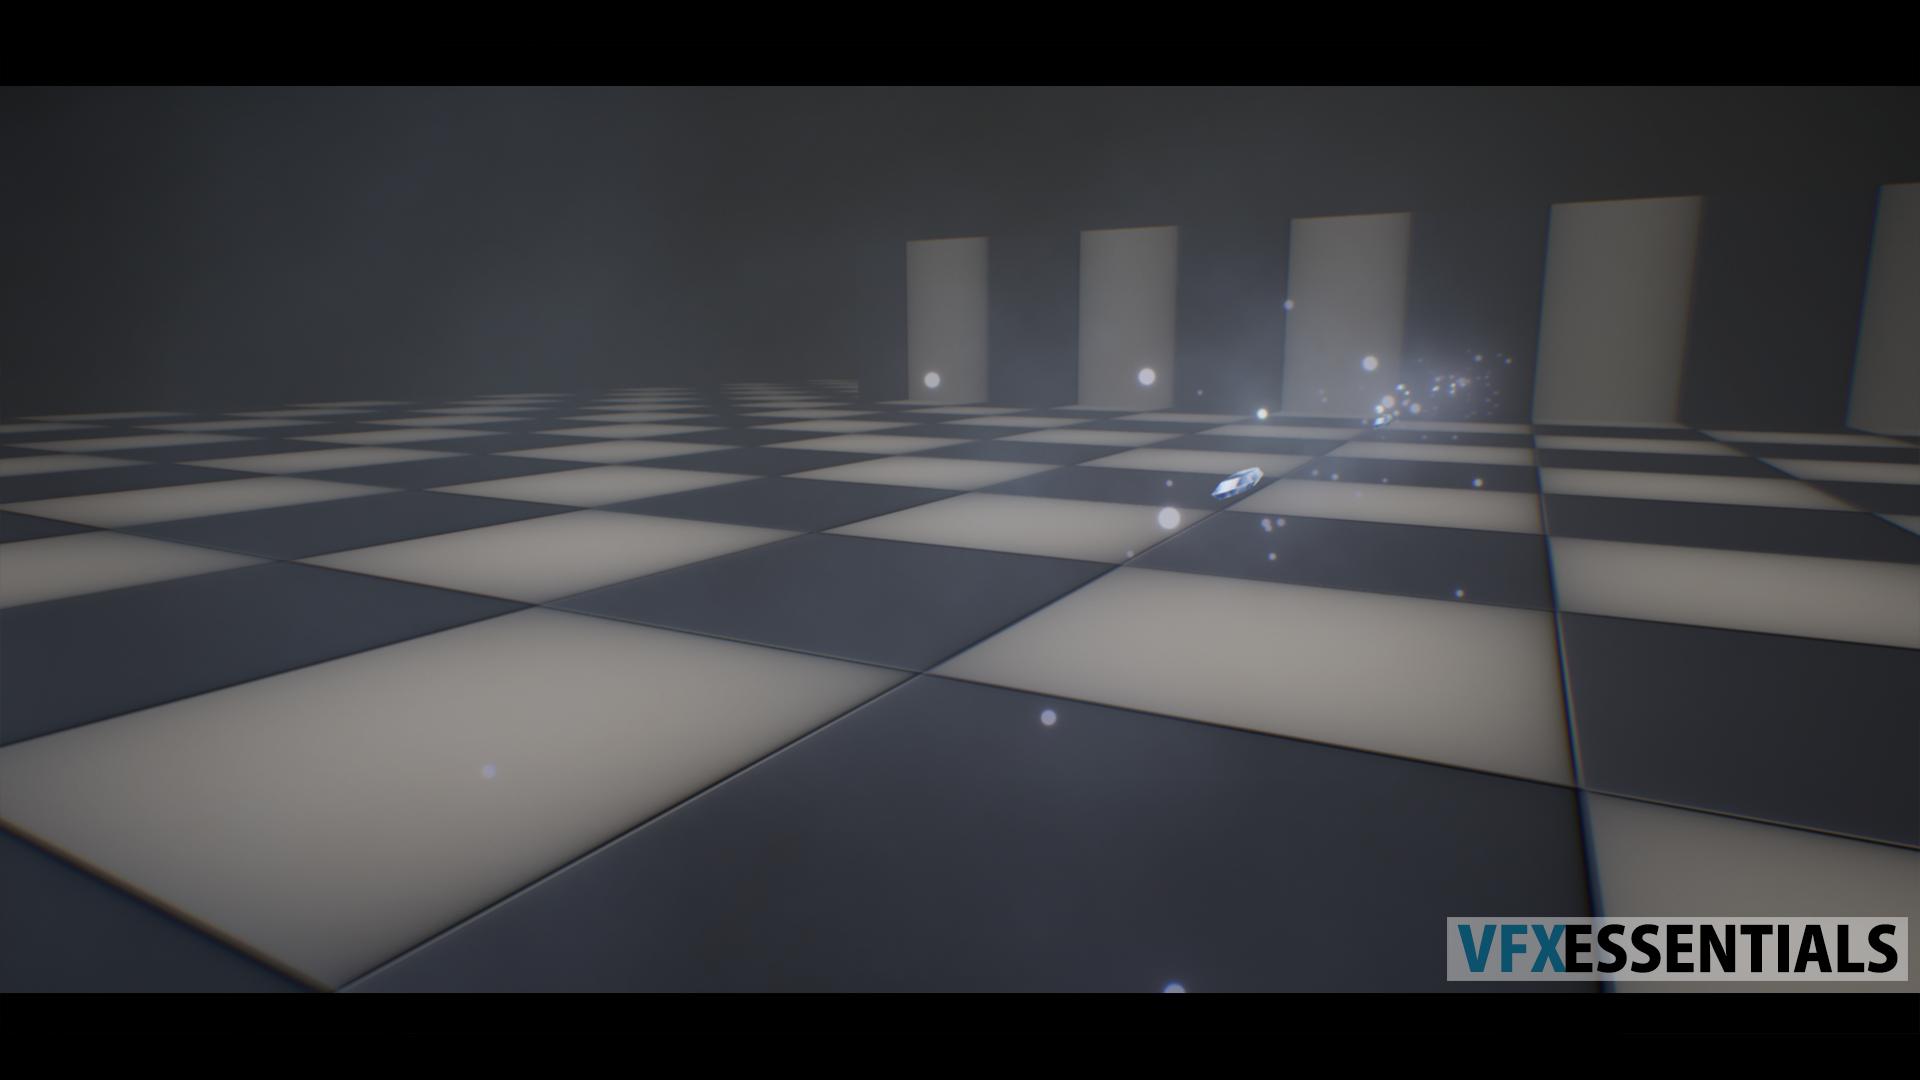 在Visual Effects中由Niels Dewitte创建的VFX Essentials